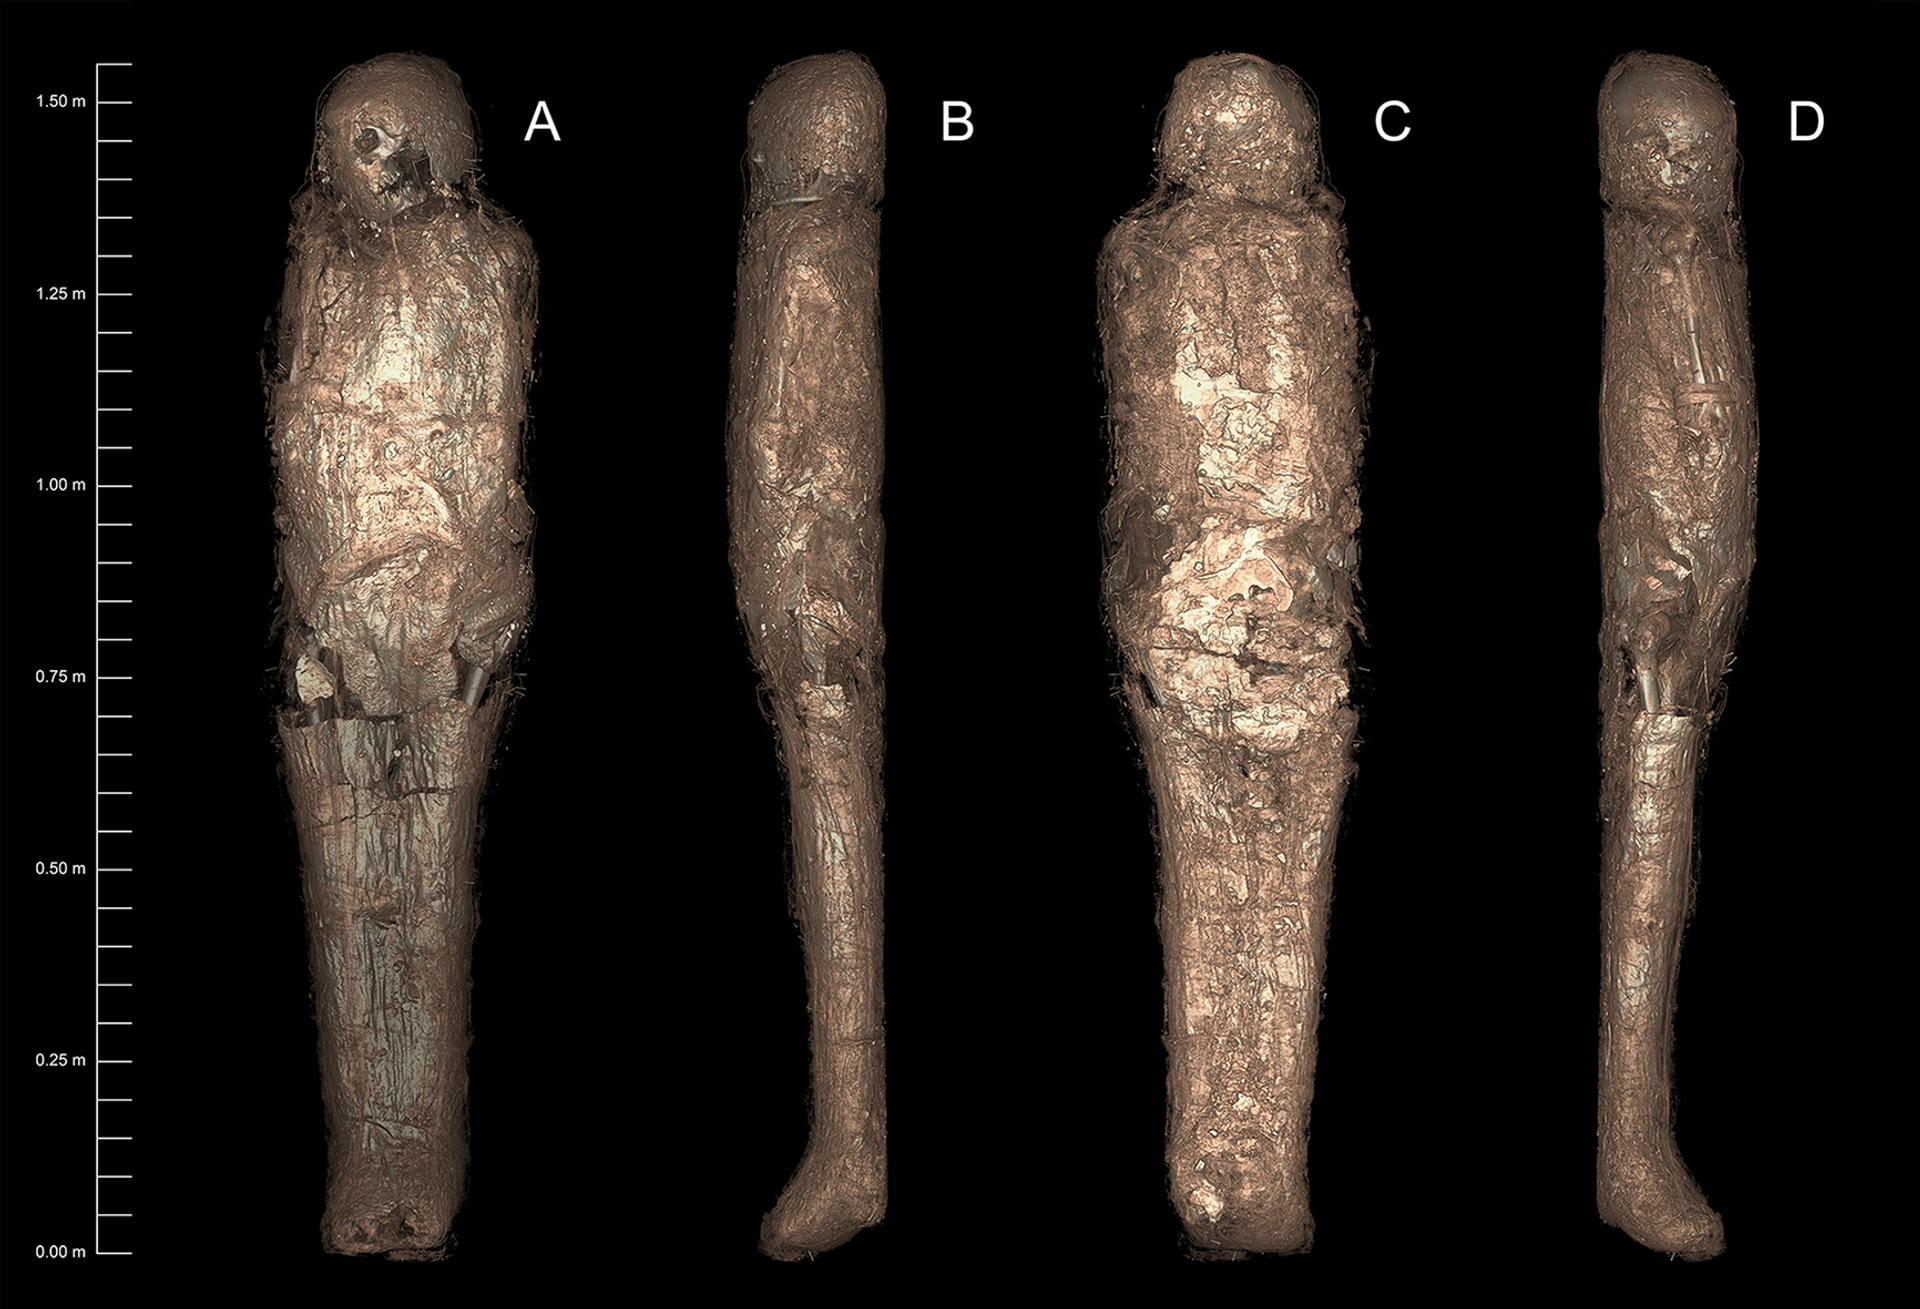 La momia envuelta en un caparazón de barro endurecido - Sputnik Mundo, 1920, 11.02.2021